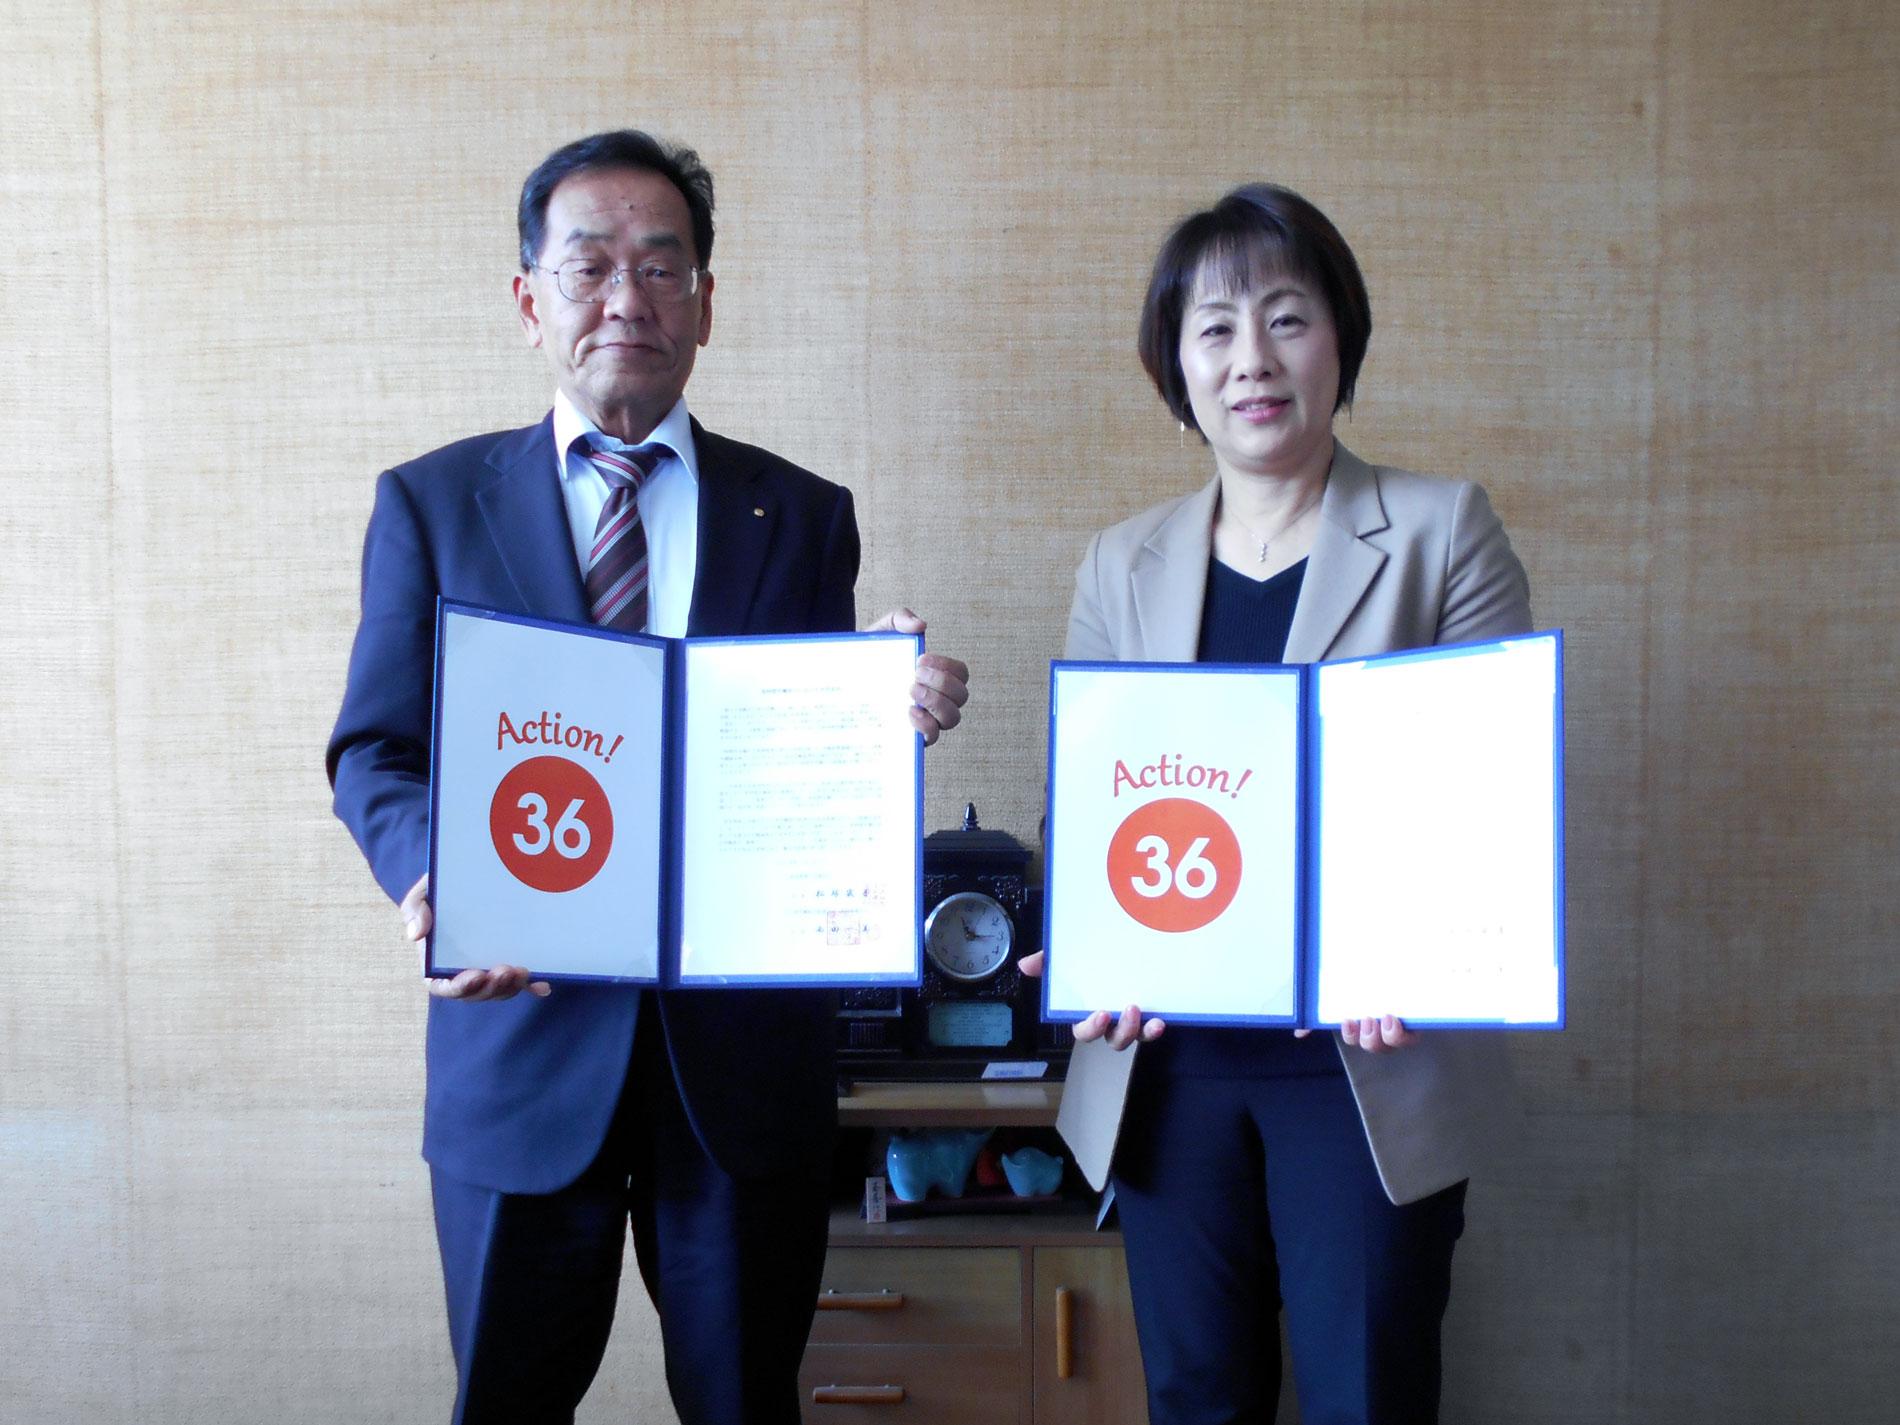 奈良県商工会連合会との 長時間労働是正に向けた共同宣言